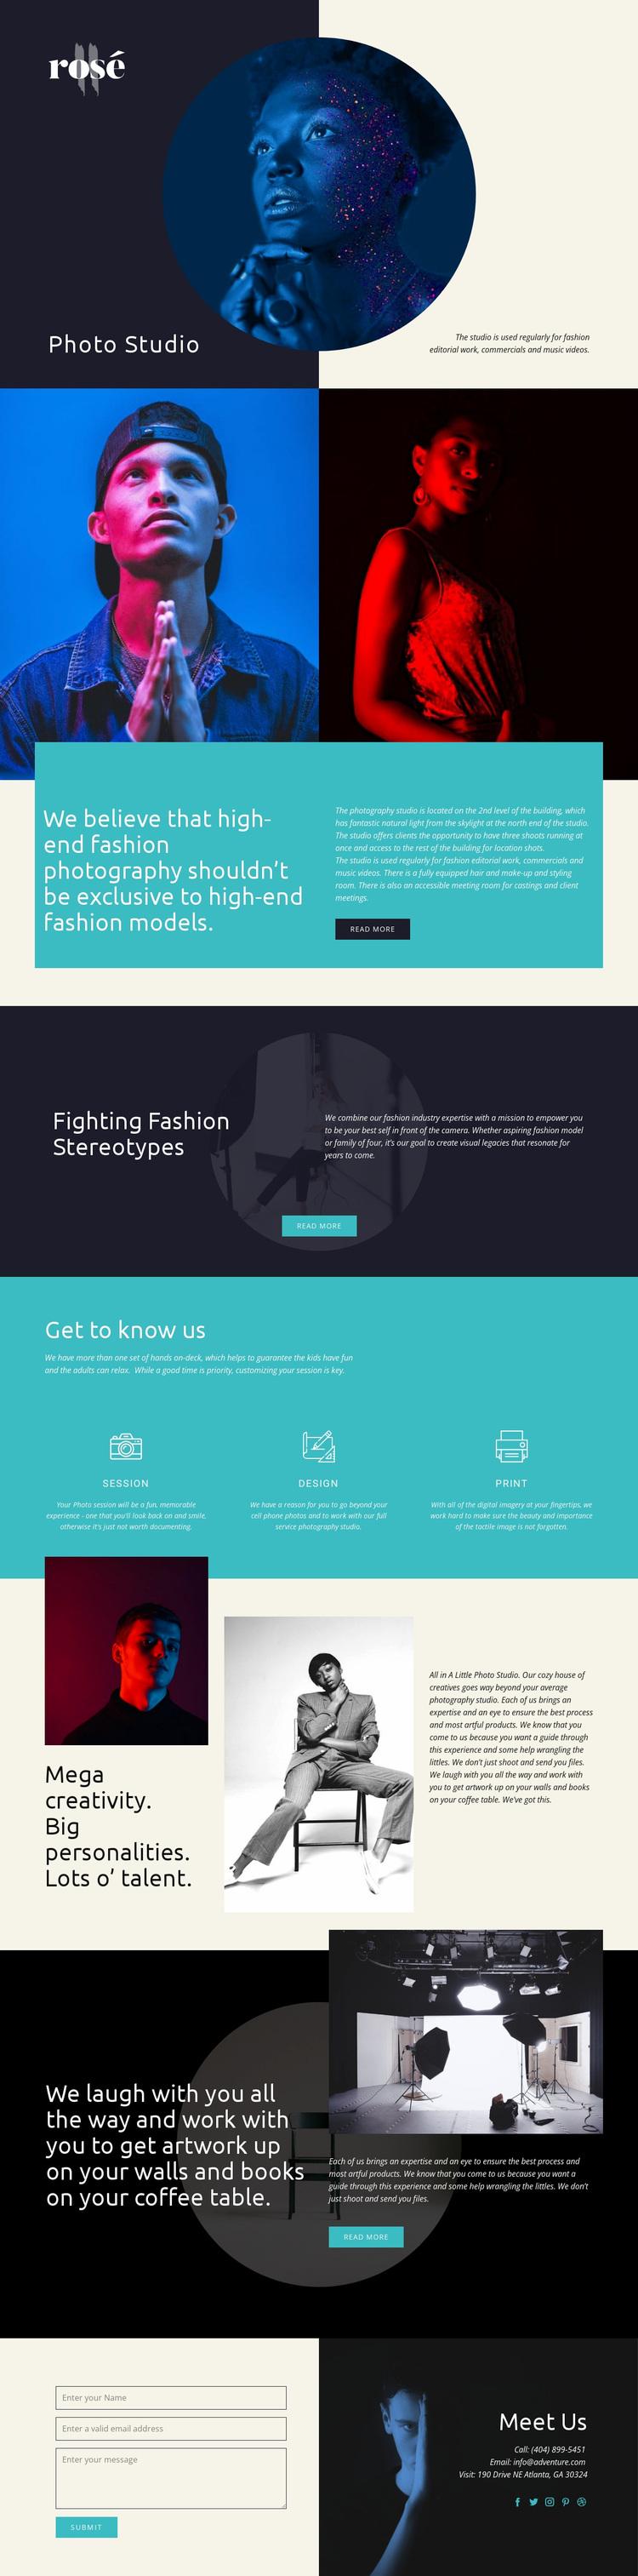 Rose Website Design